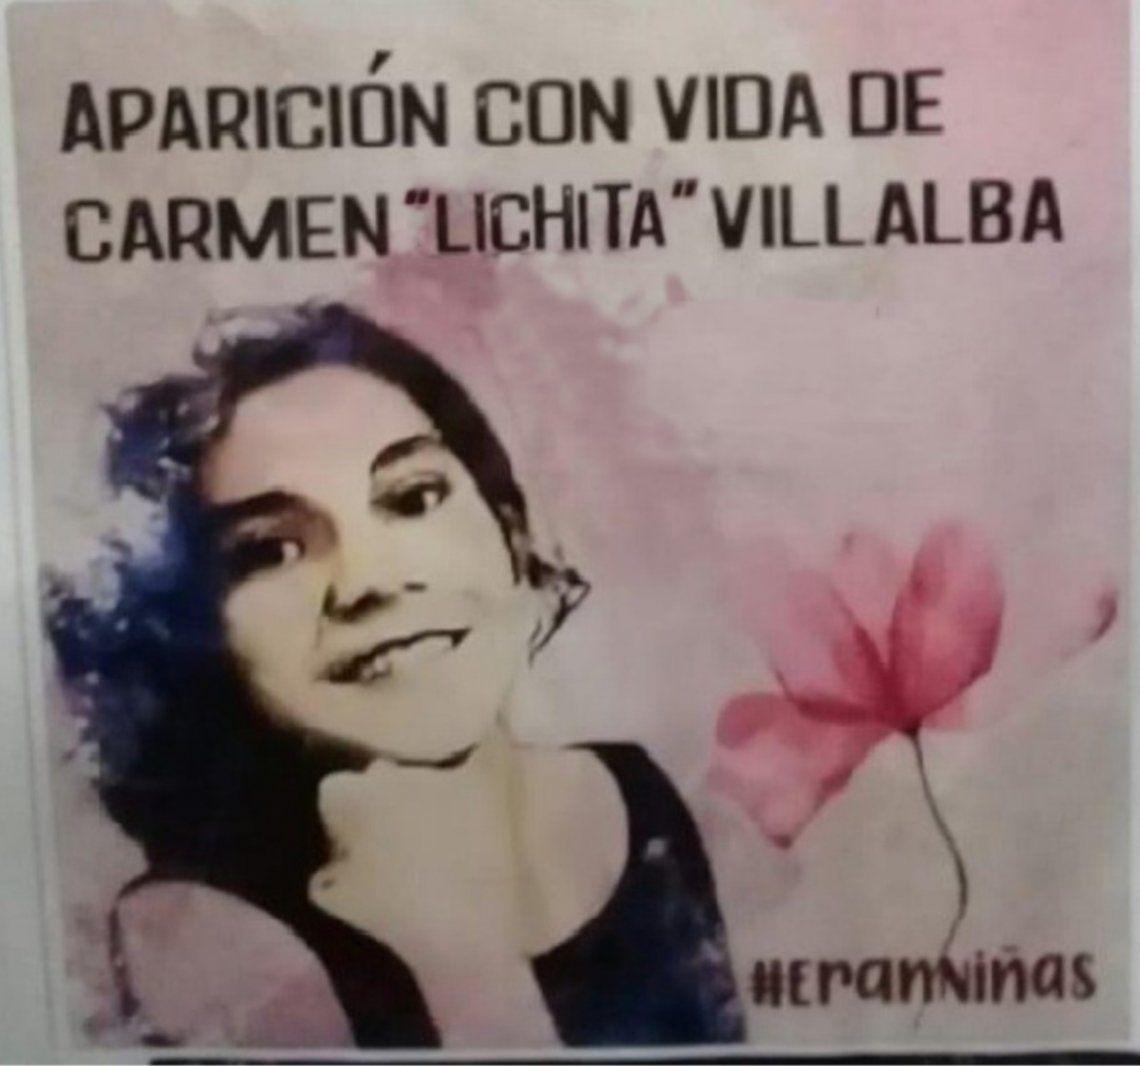 Carmen Elizabeth o Lichita es hija de Carmen Villalba y Alcides Oviedo